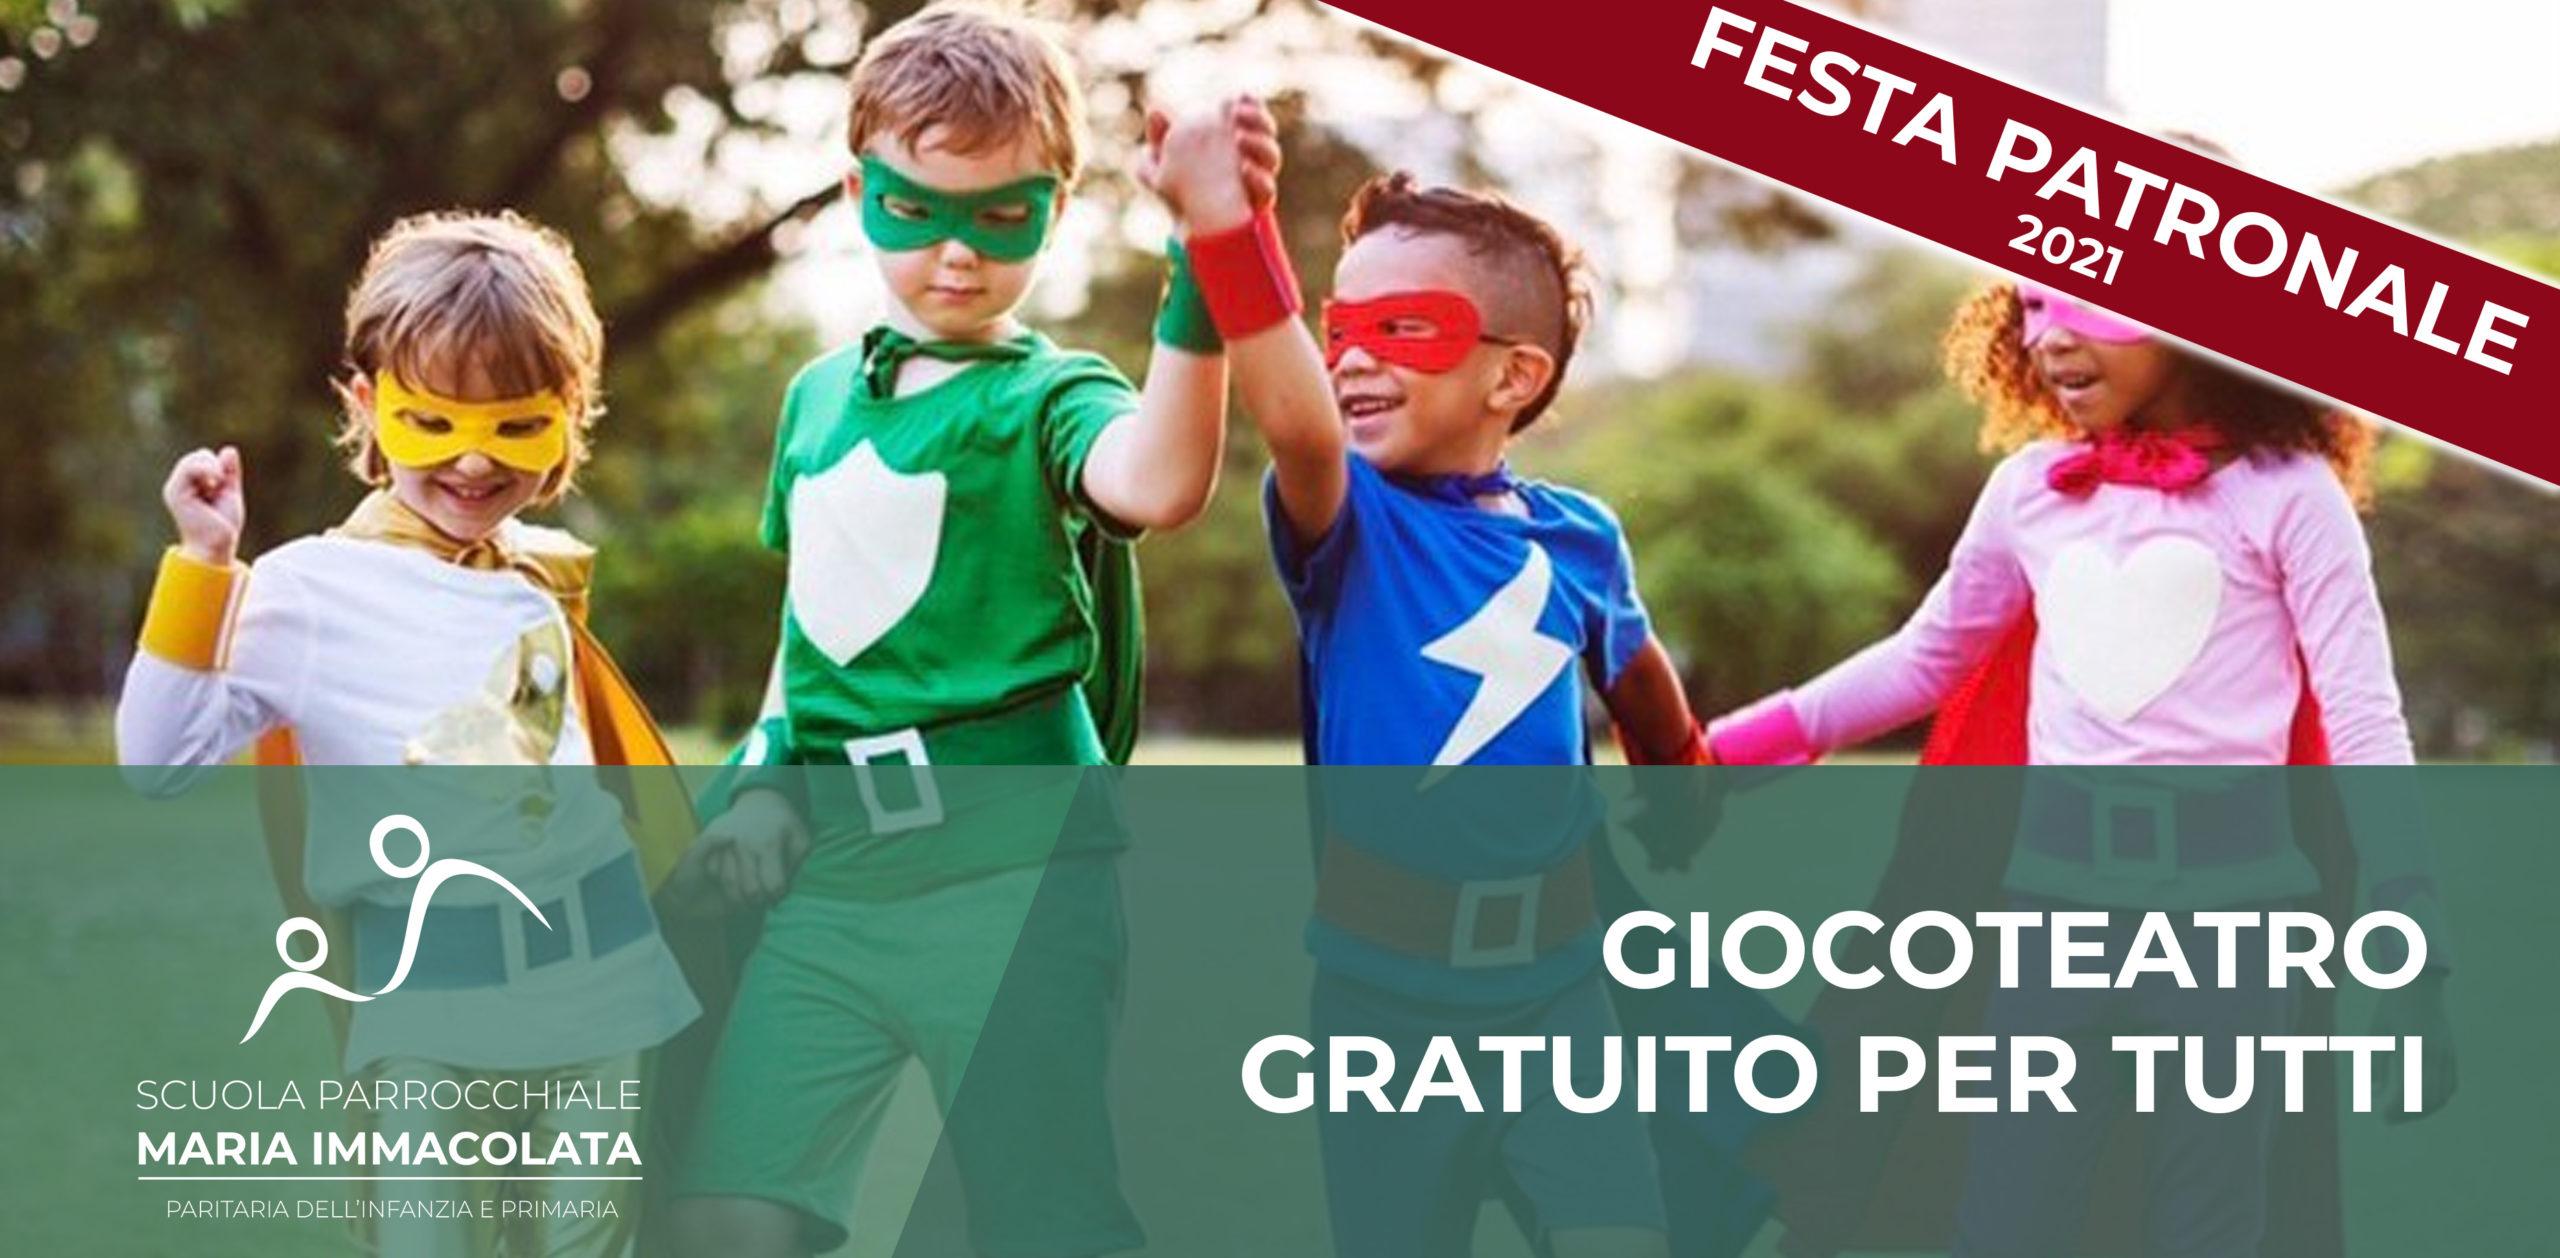 Domenica 6 giugno 2021: Giocoteatro per tutti i bambini